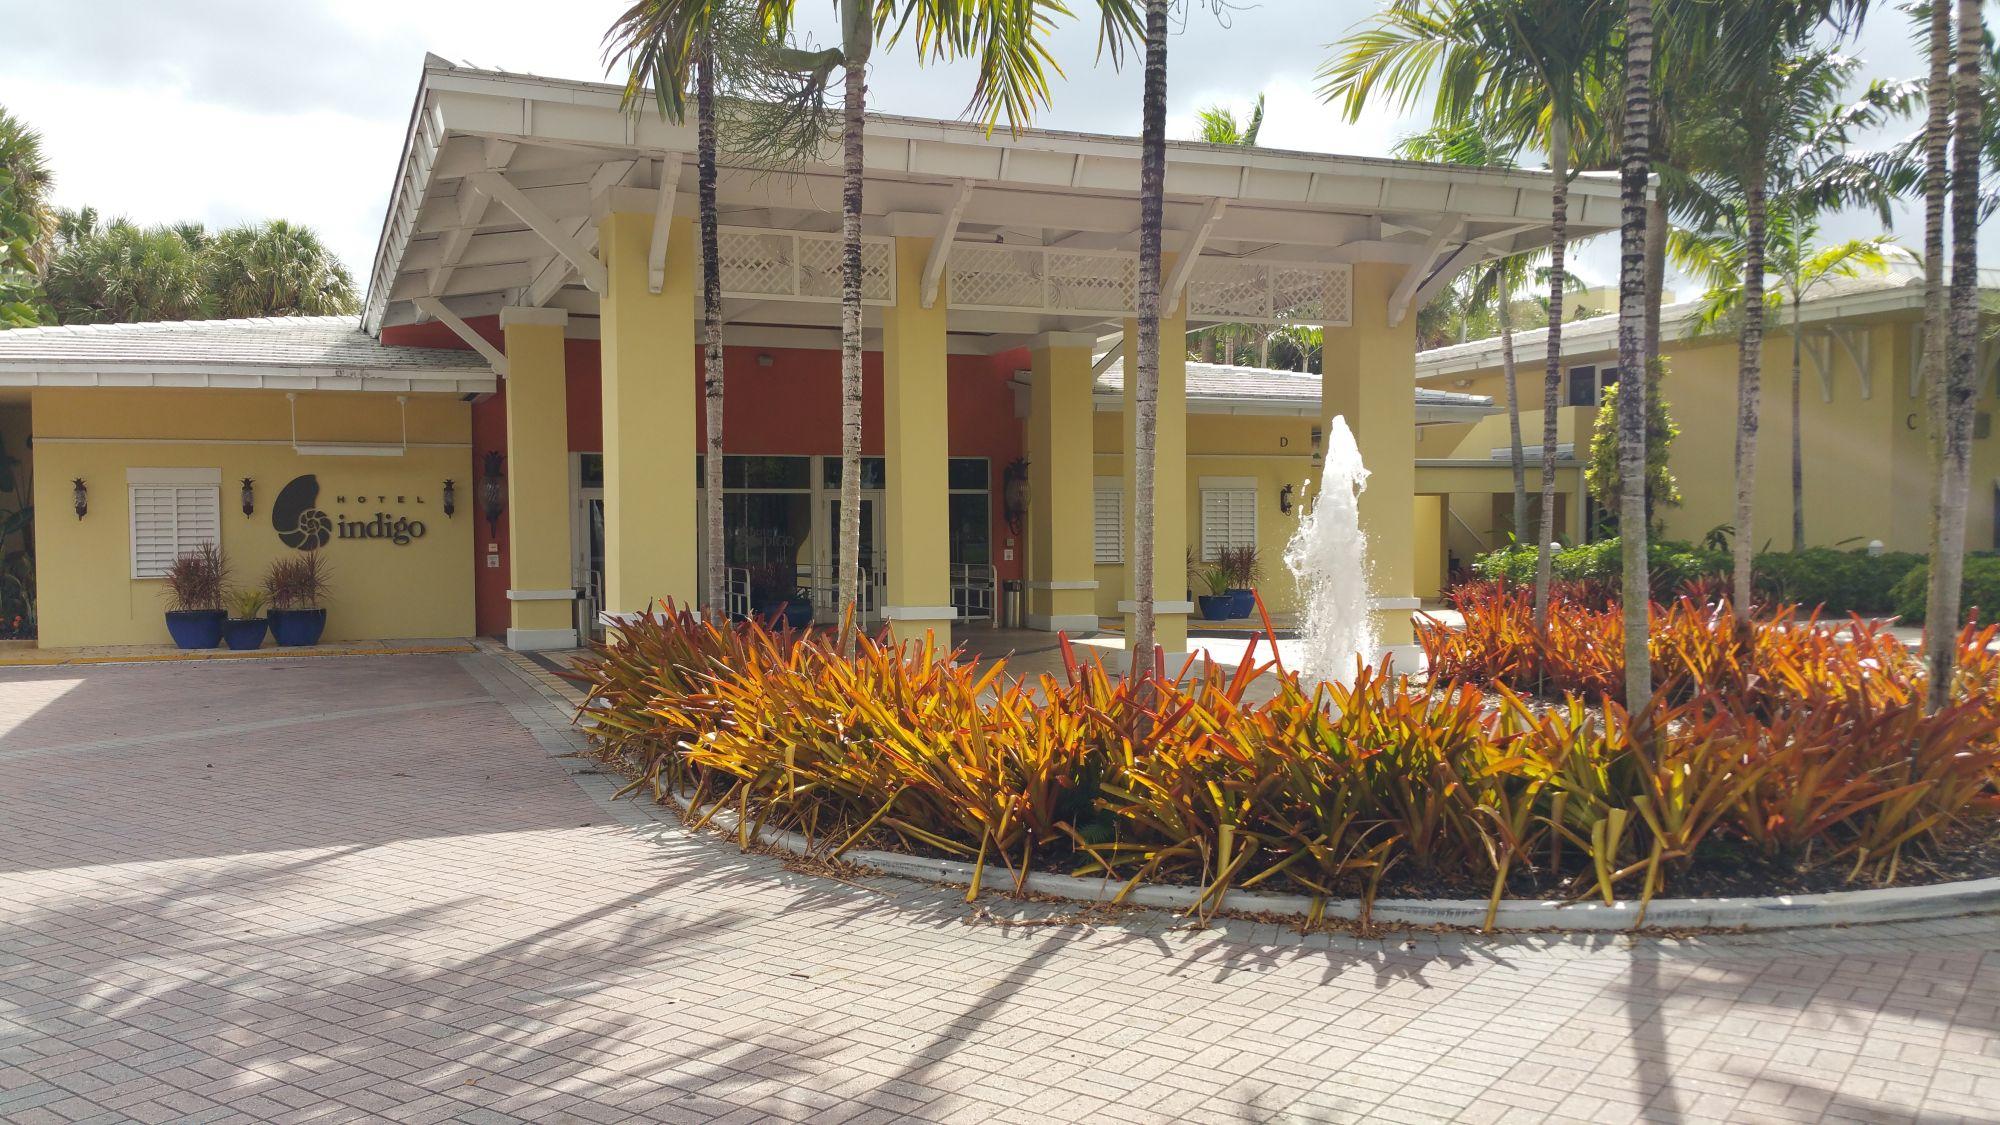 Hotel Review: Hotel Indigo Miami Lakes